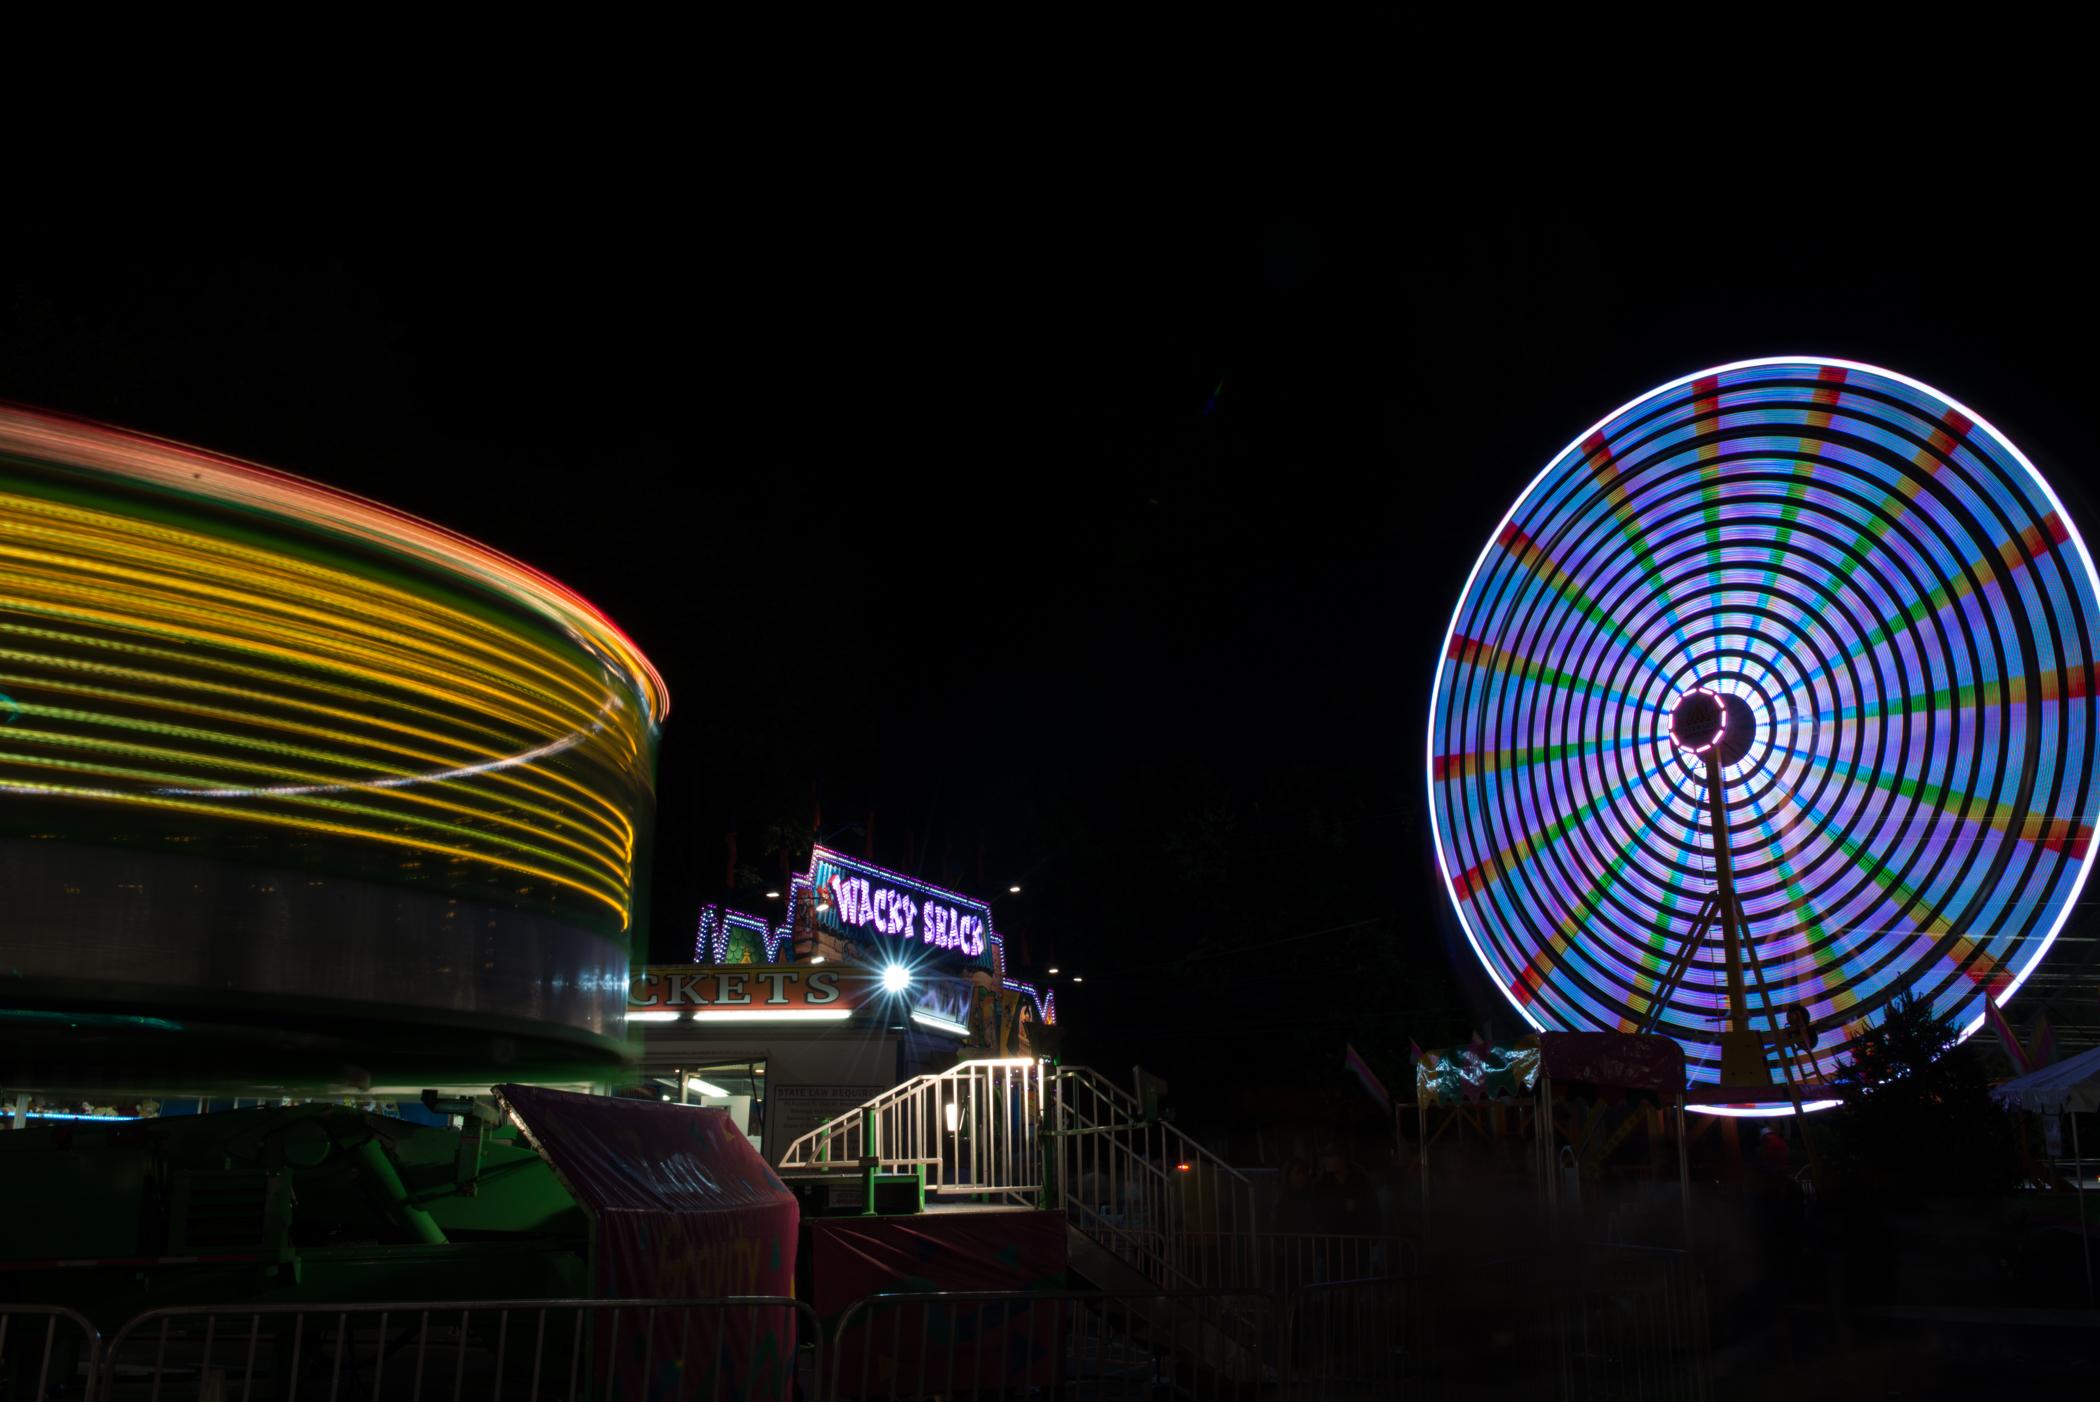 St-Leos-Fair-2016-14.jpg